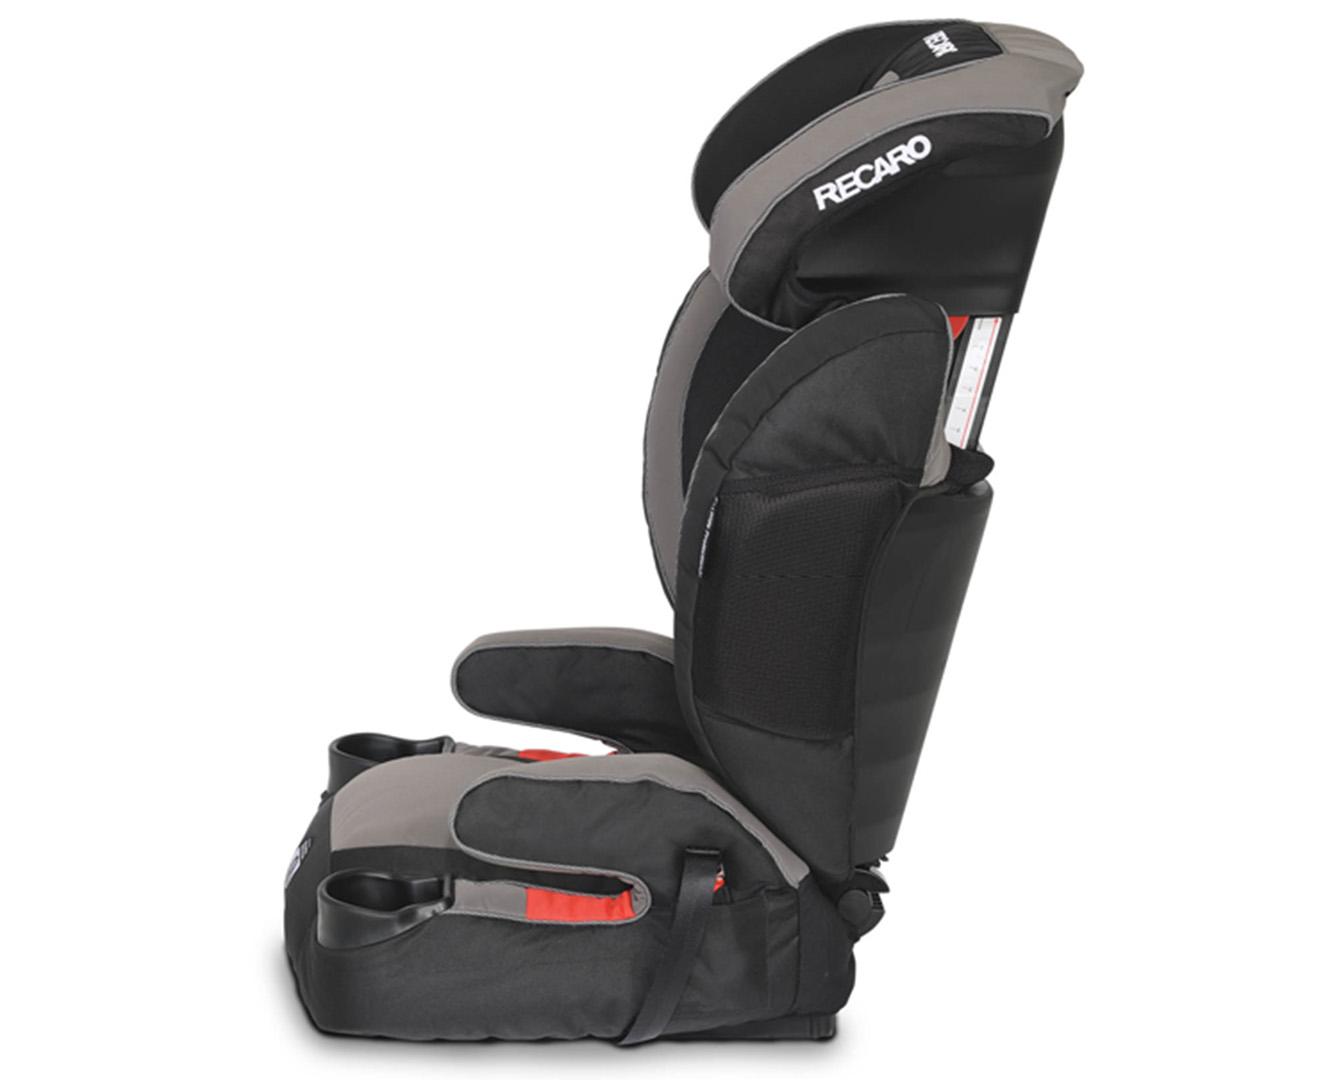 Fantastic Recaro Performance Booster Car Seat Knight Recaro Booster Seat Safety Ratings Recaro Booster Seat Uk baby Recaro Booster Seat